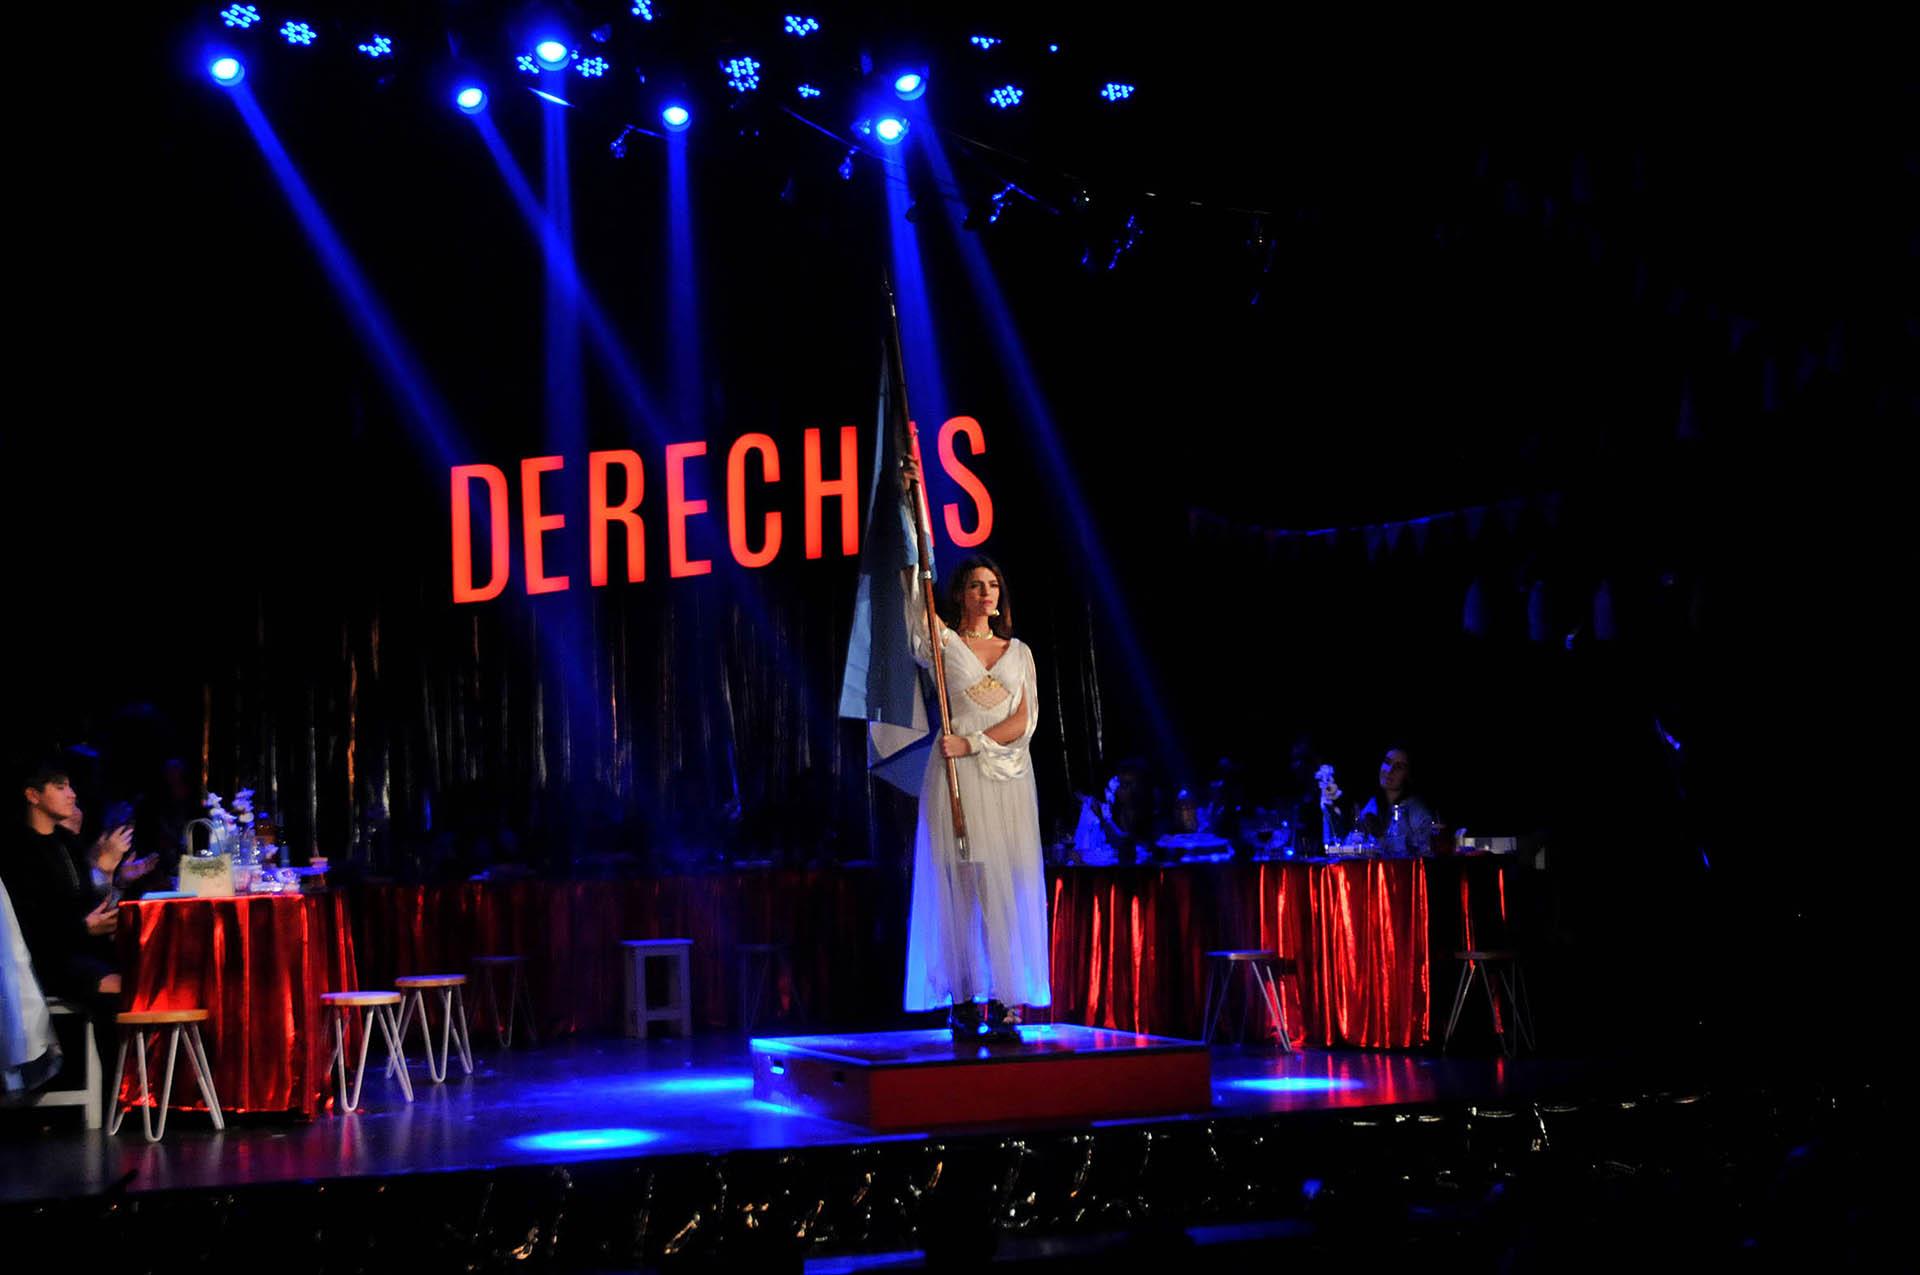 La obra se estrenó en el teatro Regina y muchos famosos fueron a verla